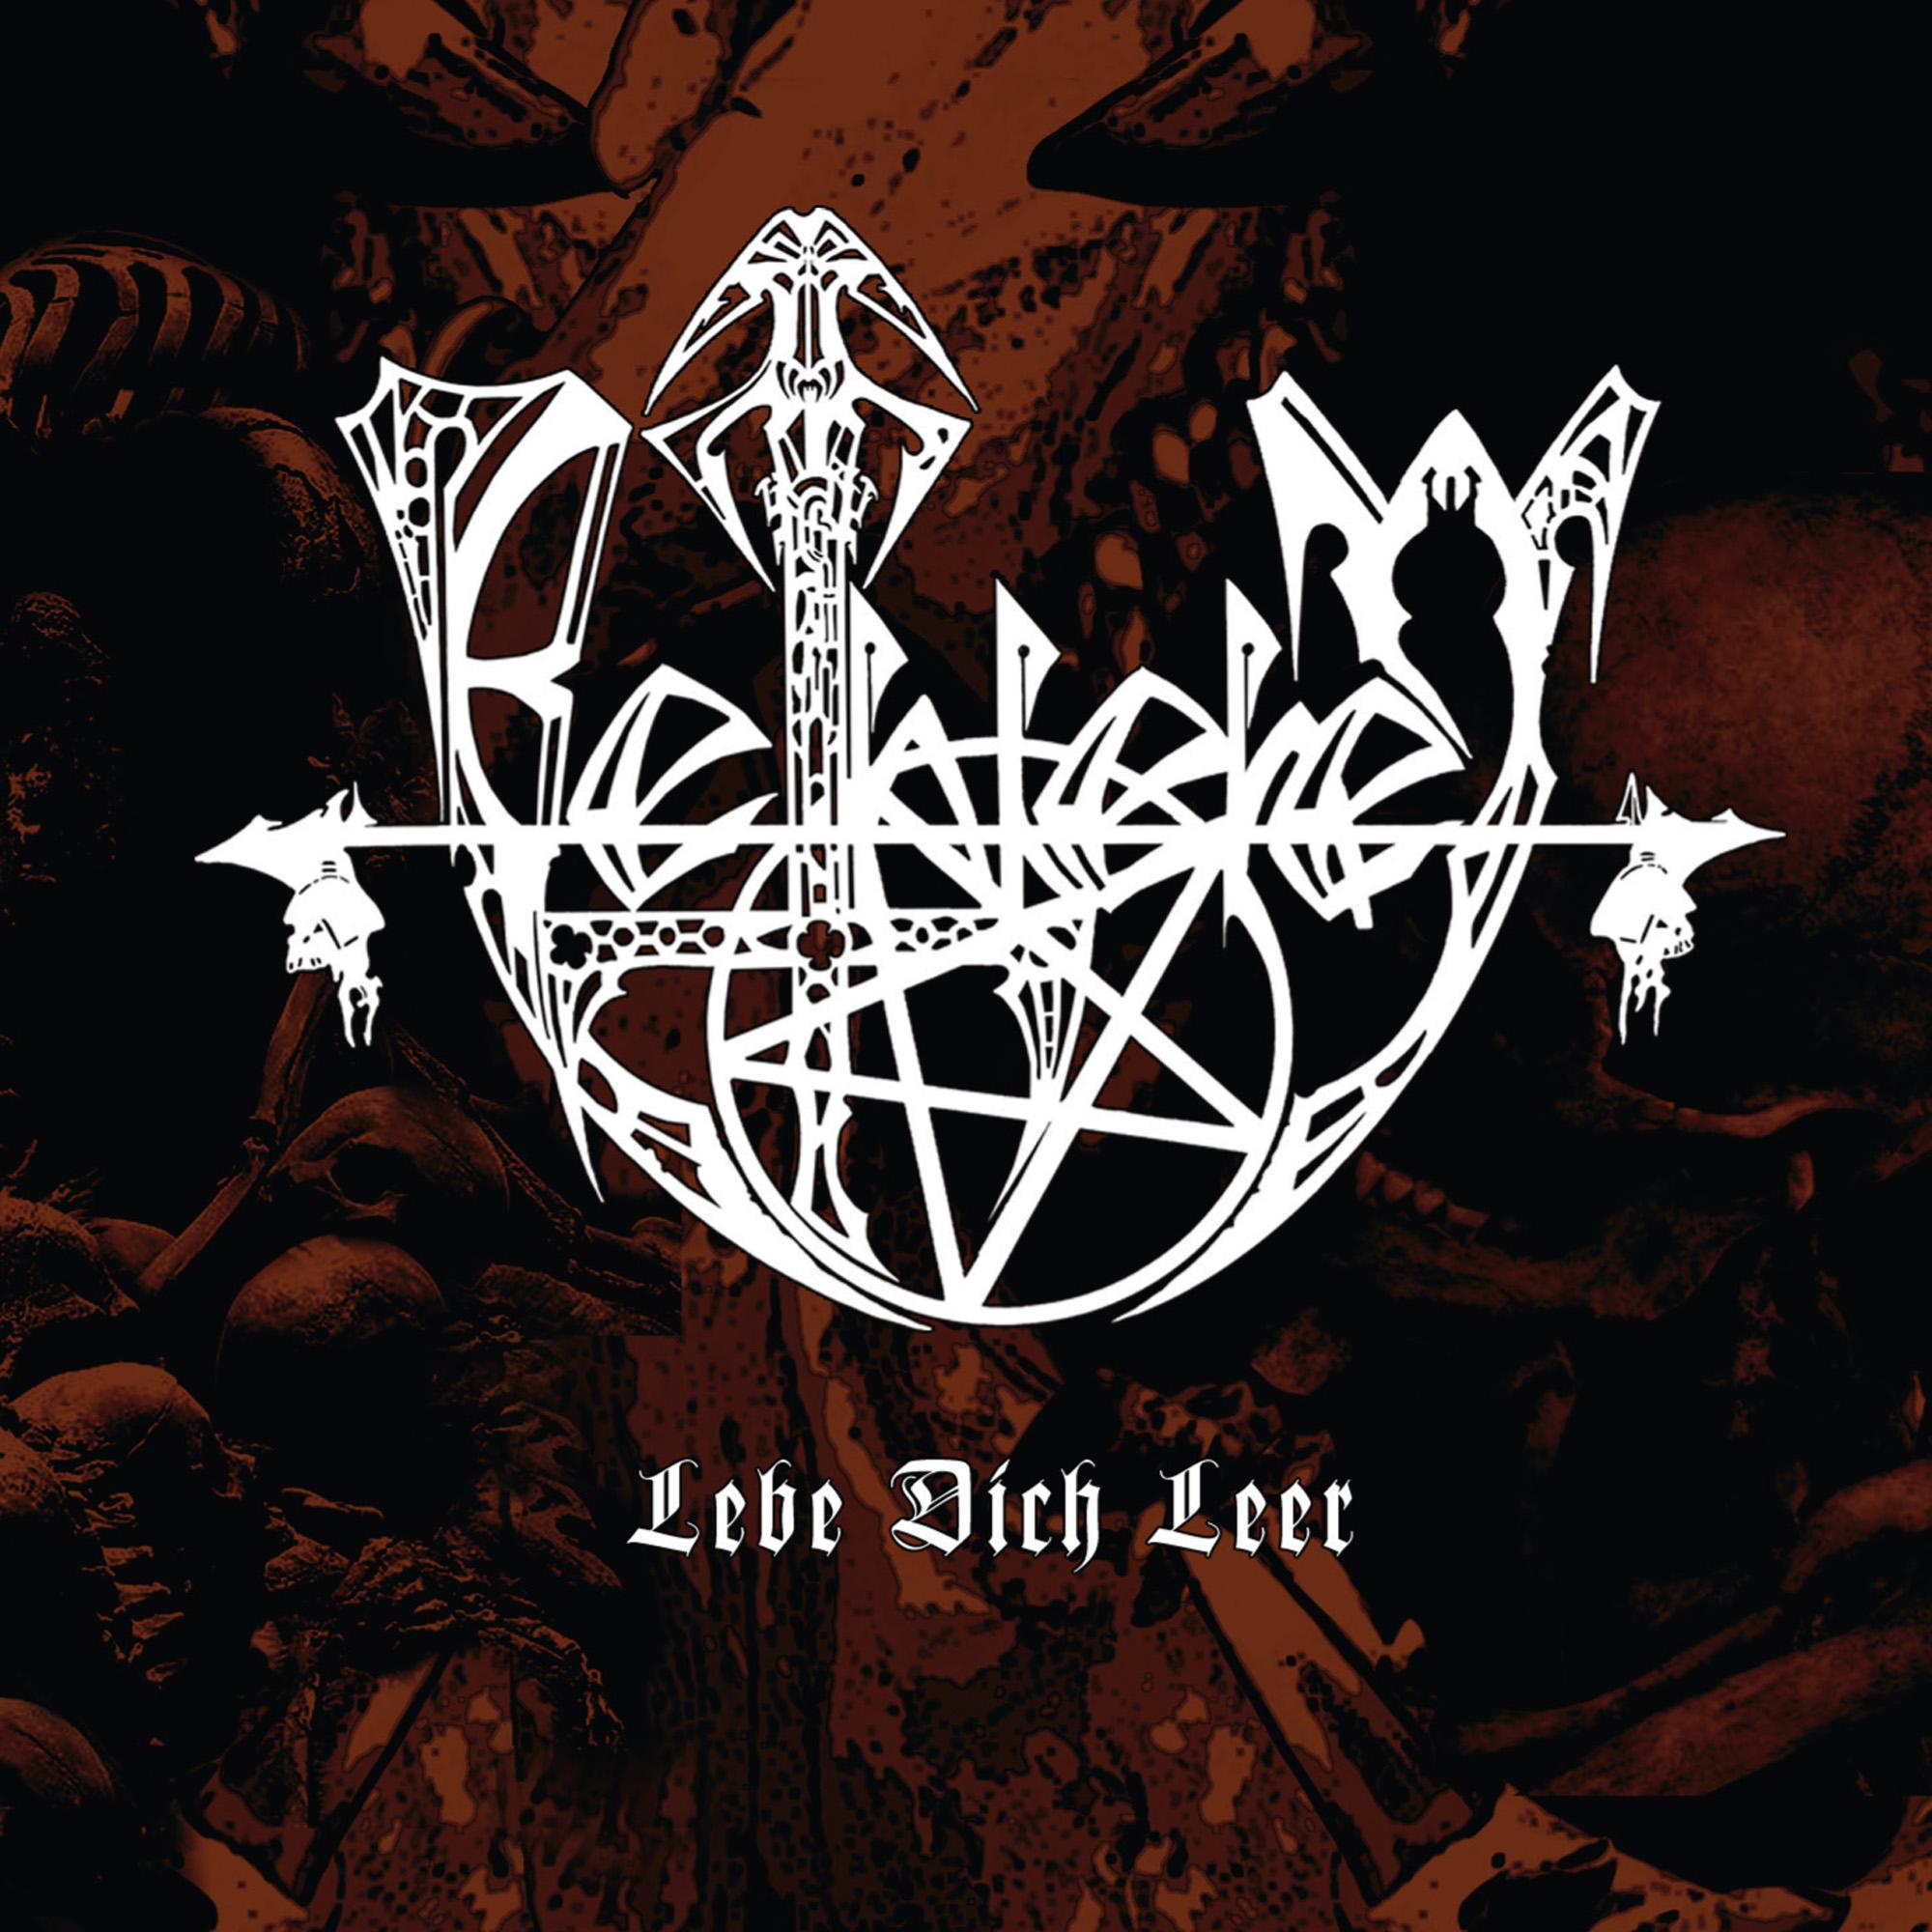 Die Metal-Alben der Woche vom 17.05. mit Rammstein, Saint Vitus, Bethlehem u.a.